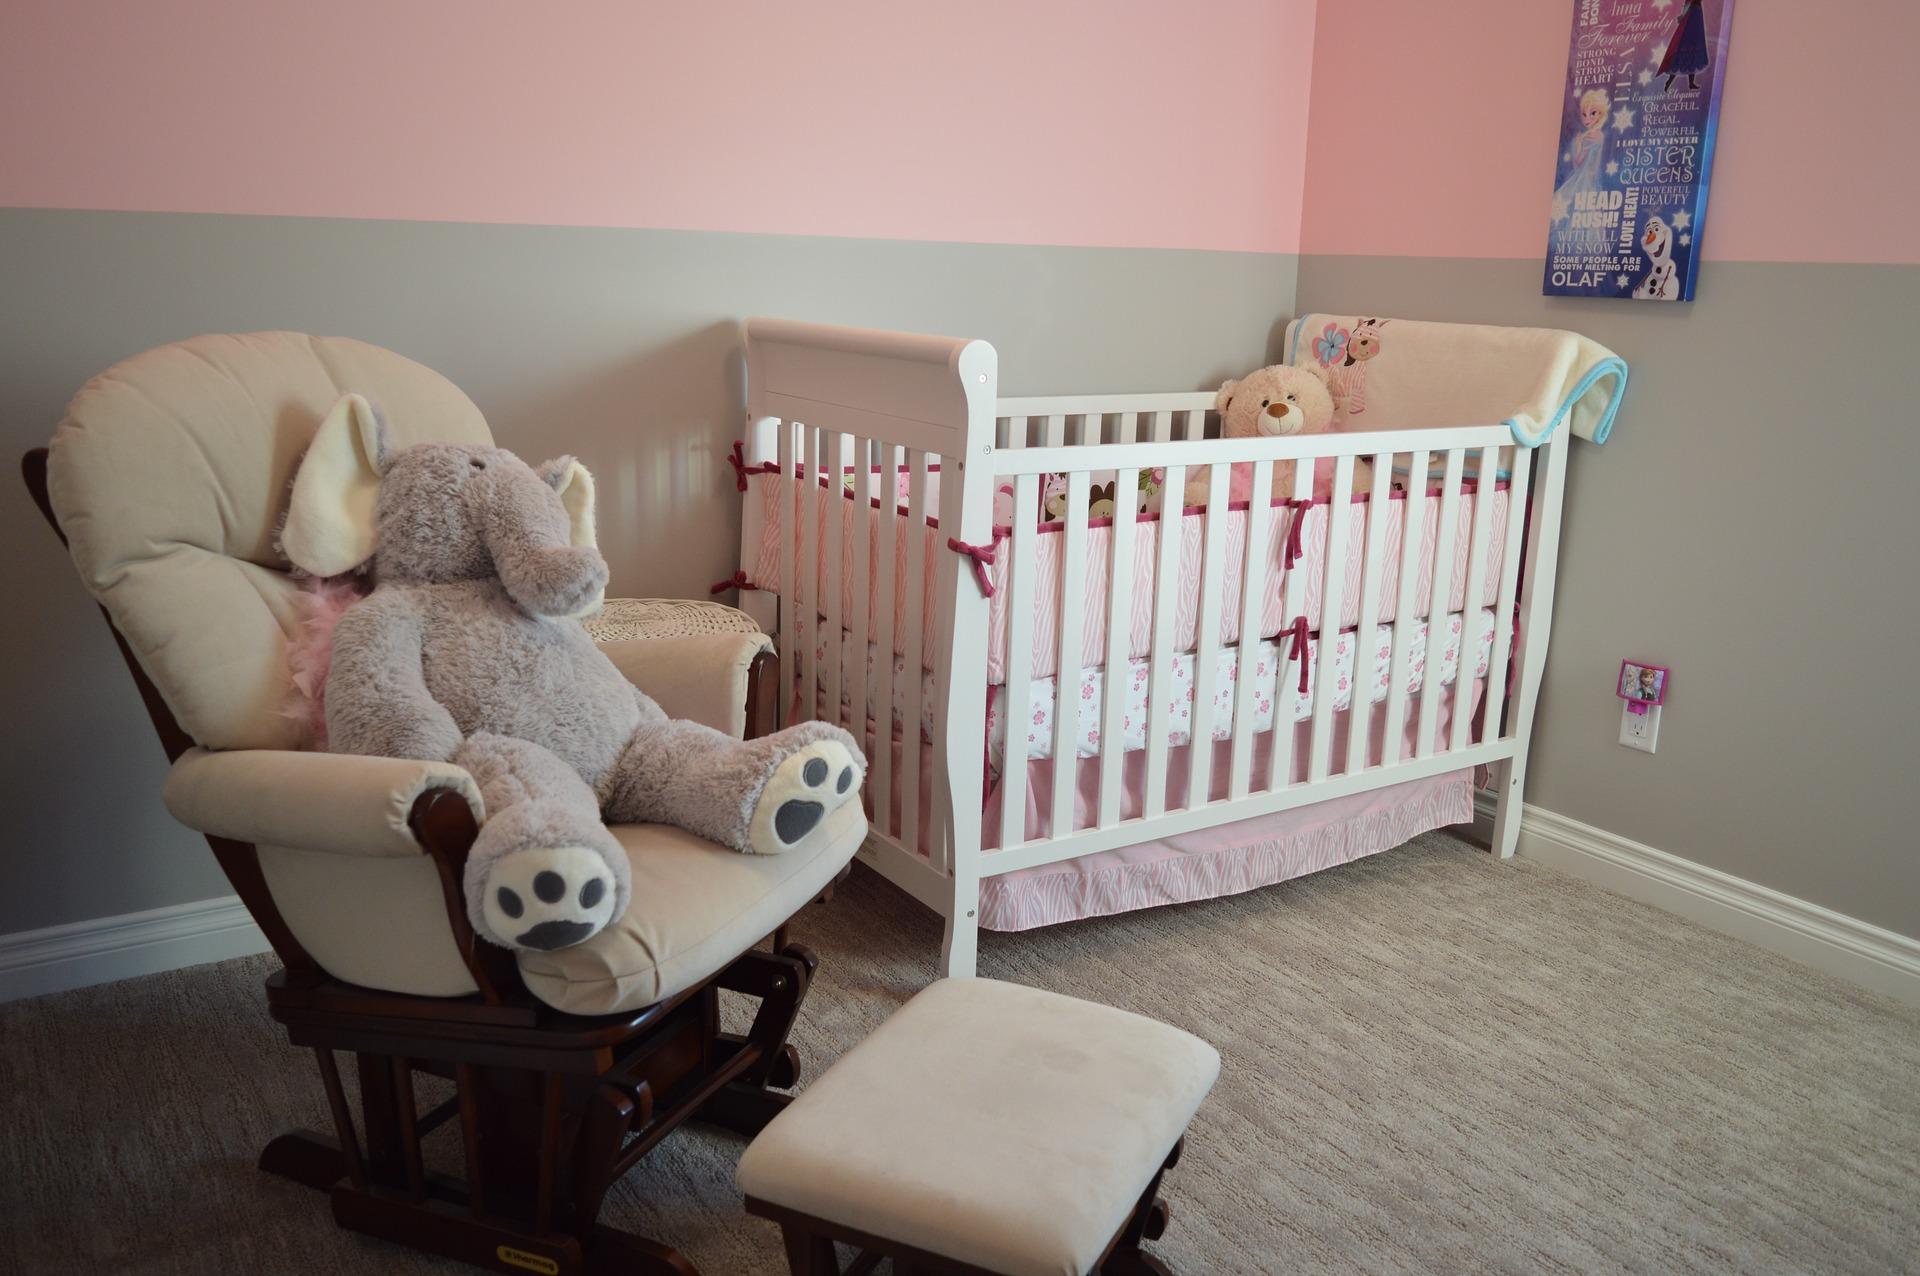 Comment décorer la chambre de bébé? 1